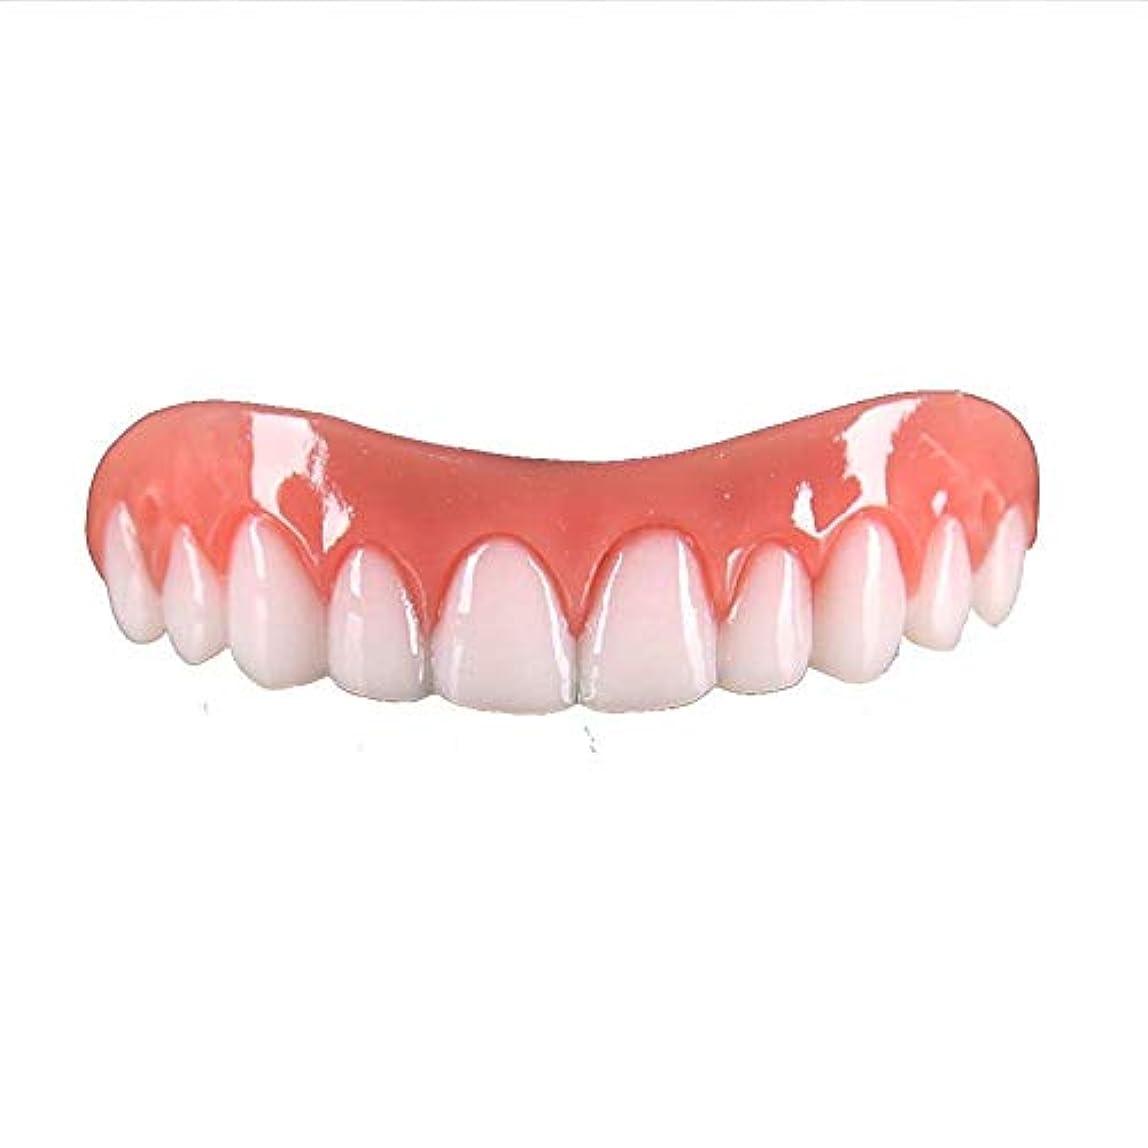 前者機知に富んだラビリンス上段ホワイトシリカゲルシミュレーション義歯プラスチックパーフェクトフィットスナップオンスマイル義歯歯セット